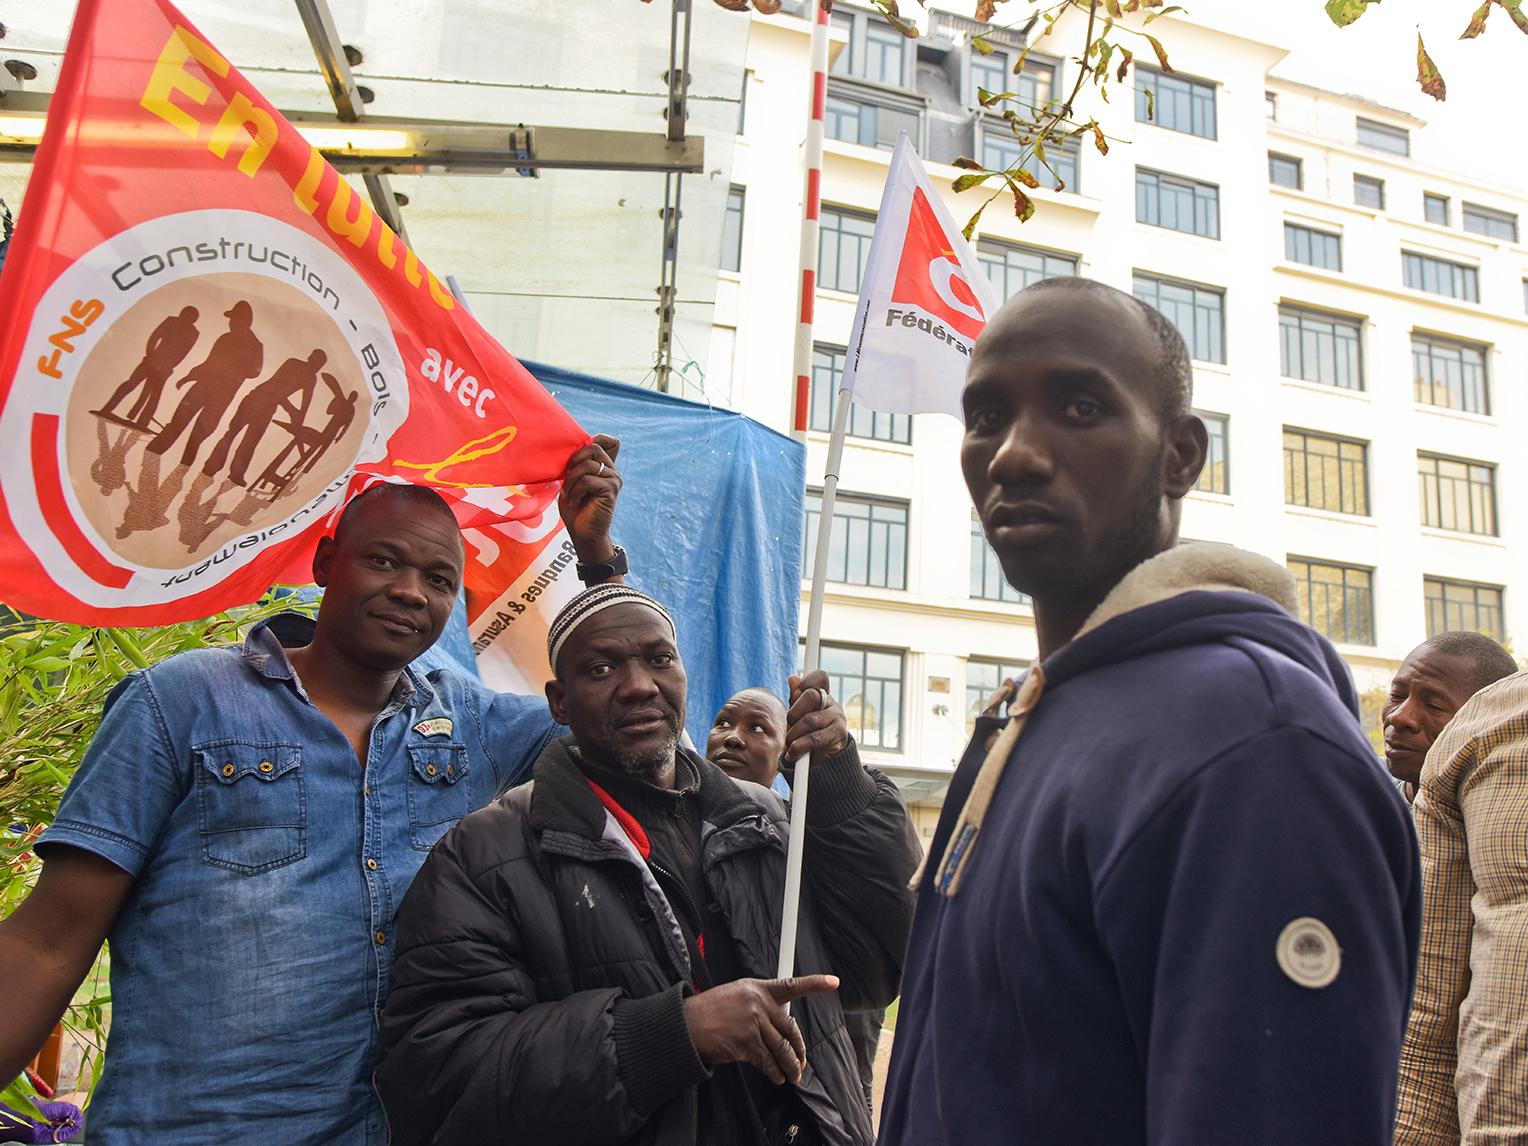 Première condamnation d'un employeur pour « discrimination raciale et systémique » contre des travailleurs sans papiers